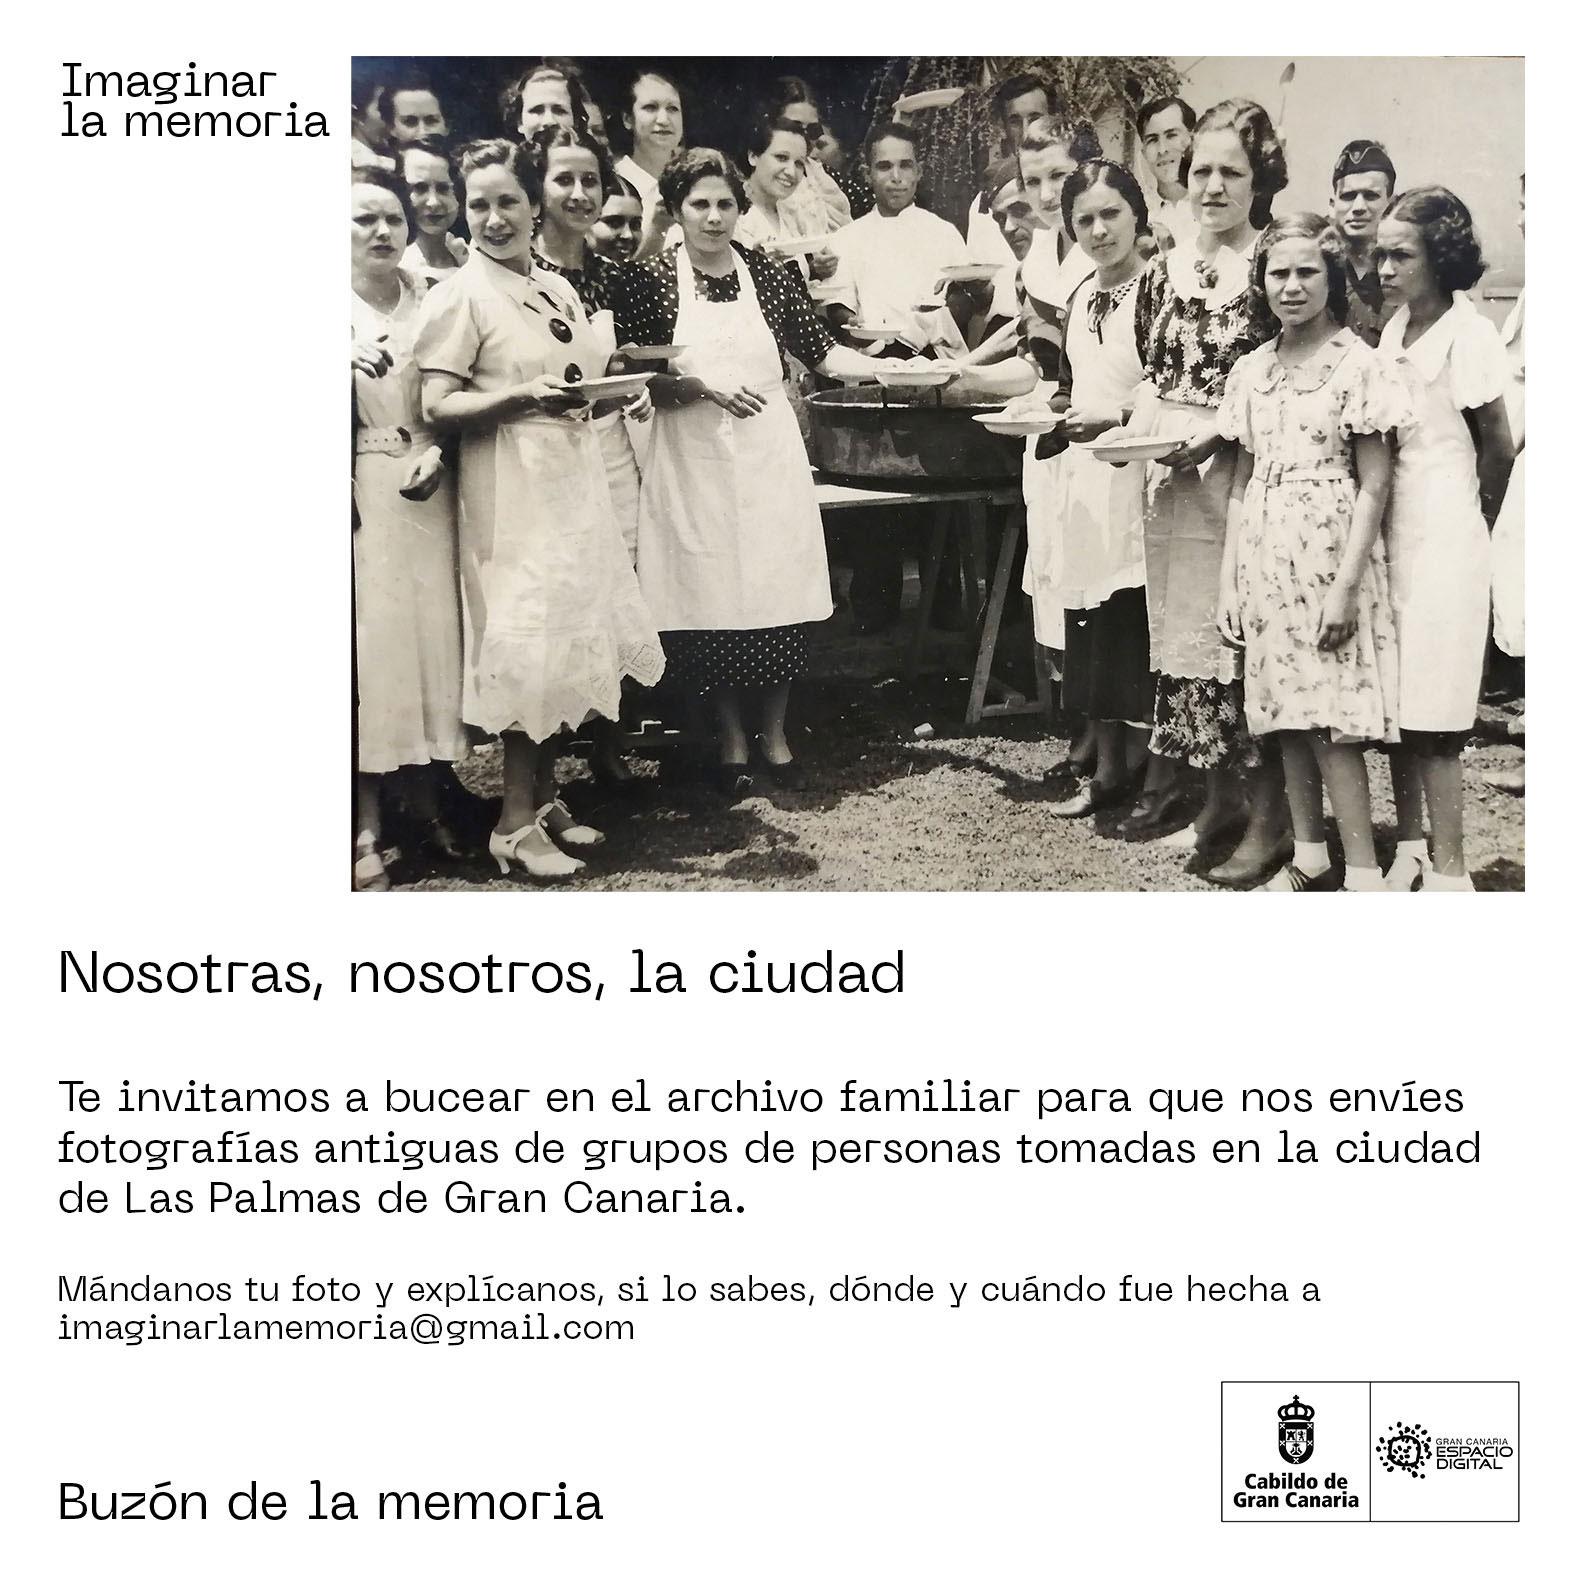 El proyecto «Imaginar la memoria» llama a recuperar la memoria oral y visual de Las Palmas de Gran Canaria a través de diversos llamamientos a la participación ciudadana. // CanariasCreativa.com